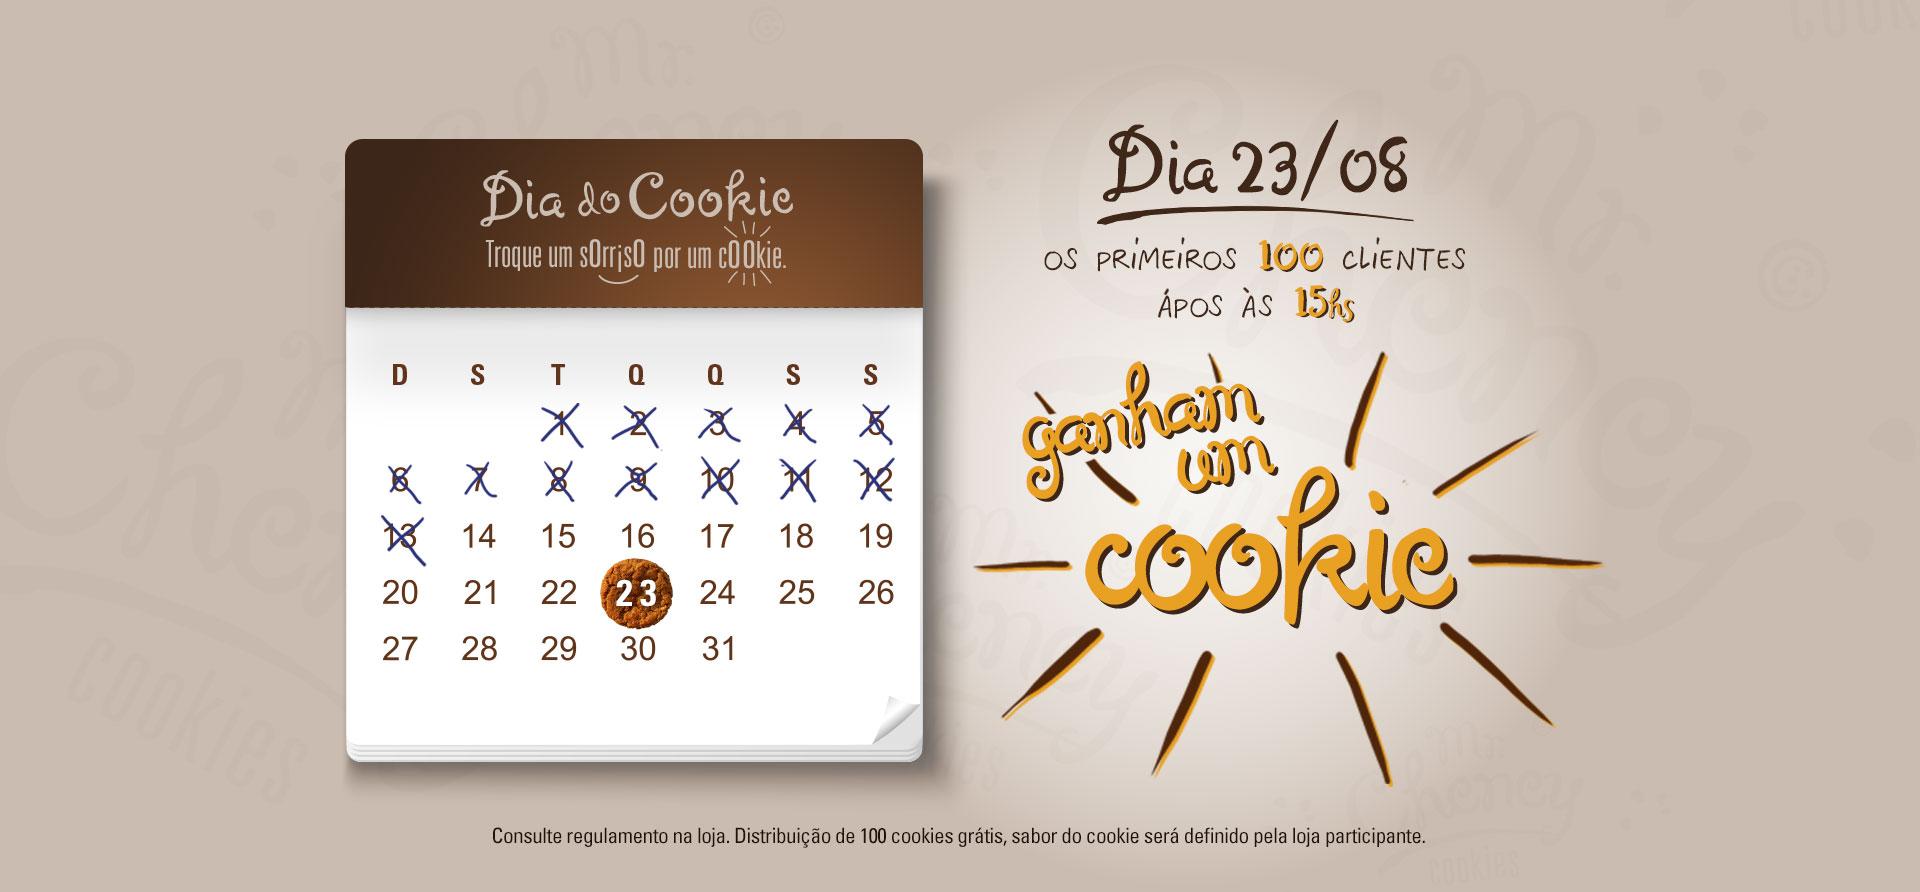 dia do cookie